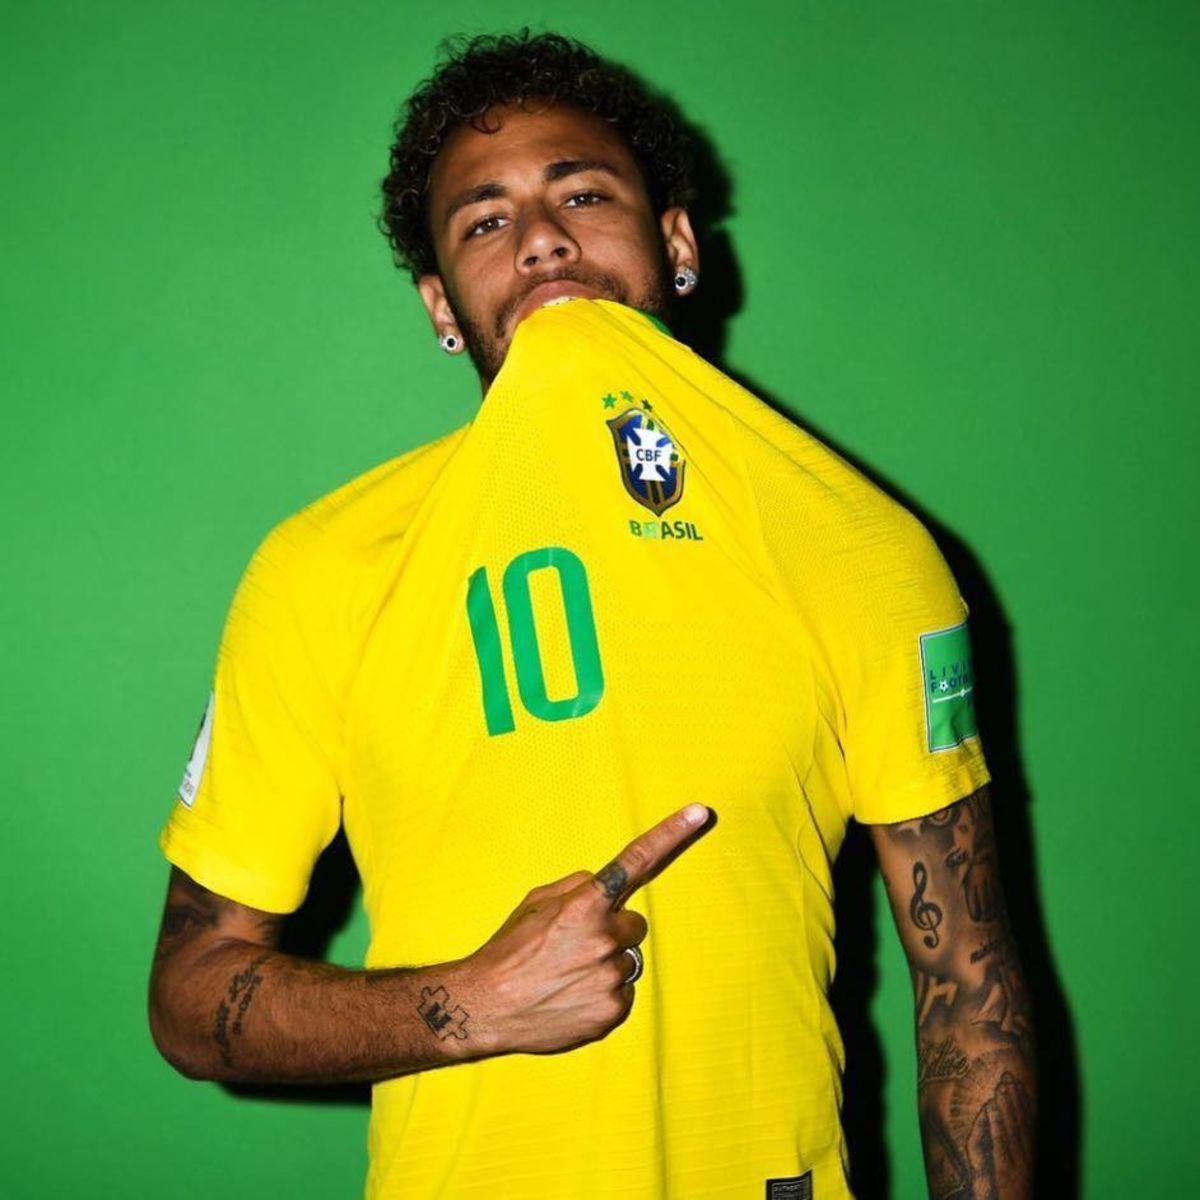 7 affaires qui rendent Neymar très énervant